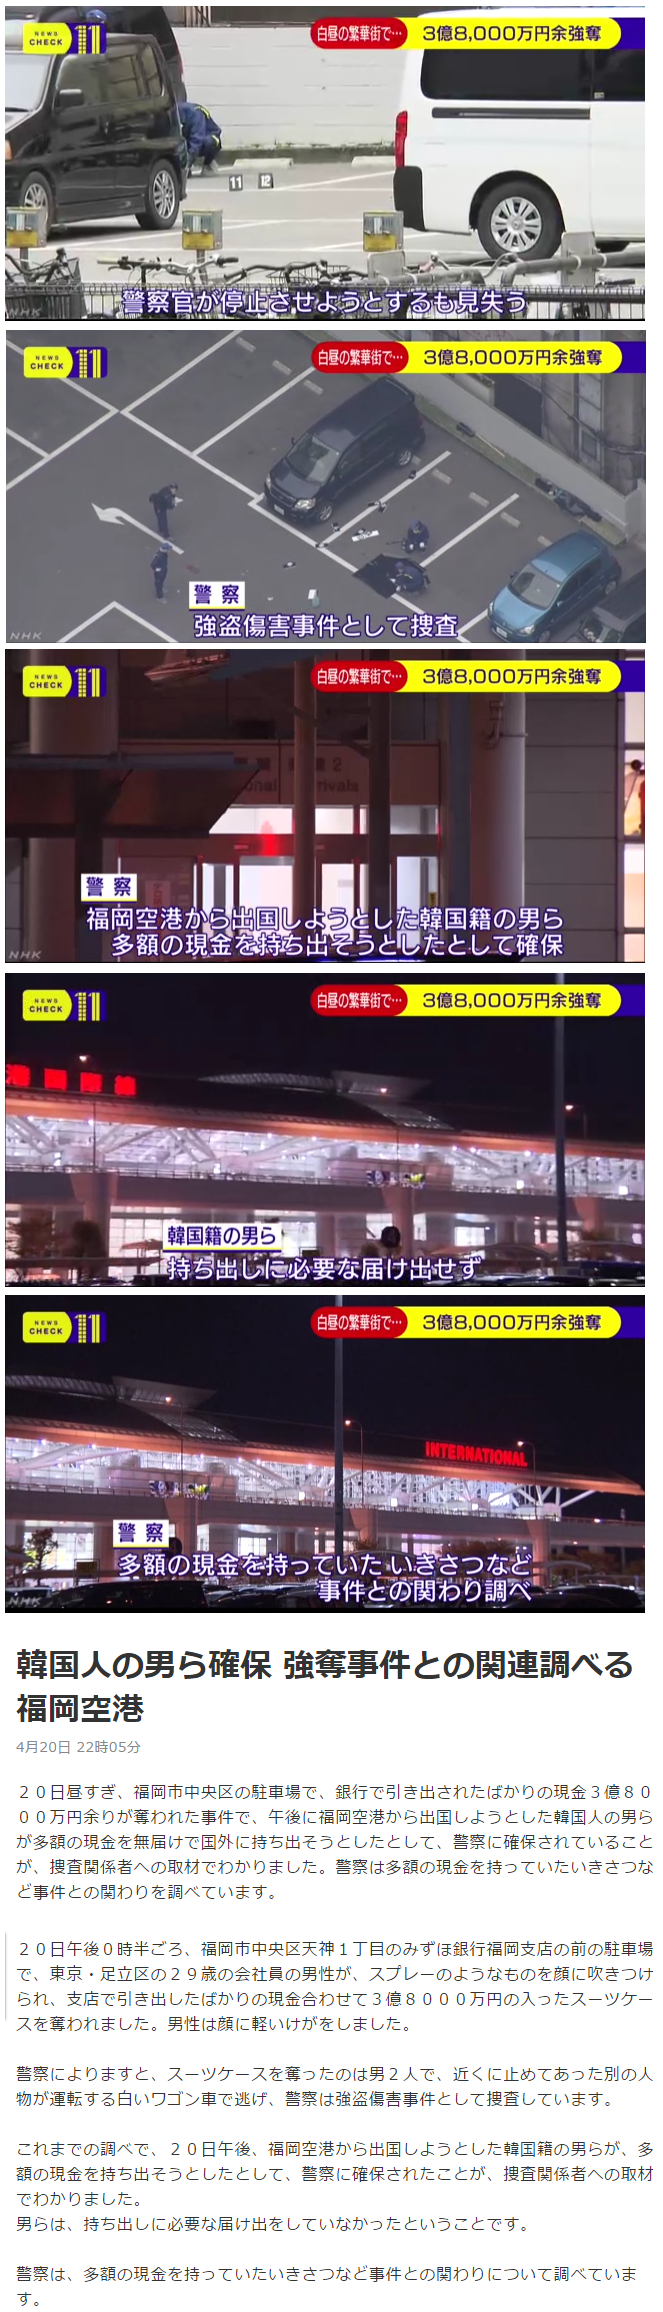 福岡でチョン二匹が3億8千万円強盗2